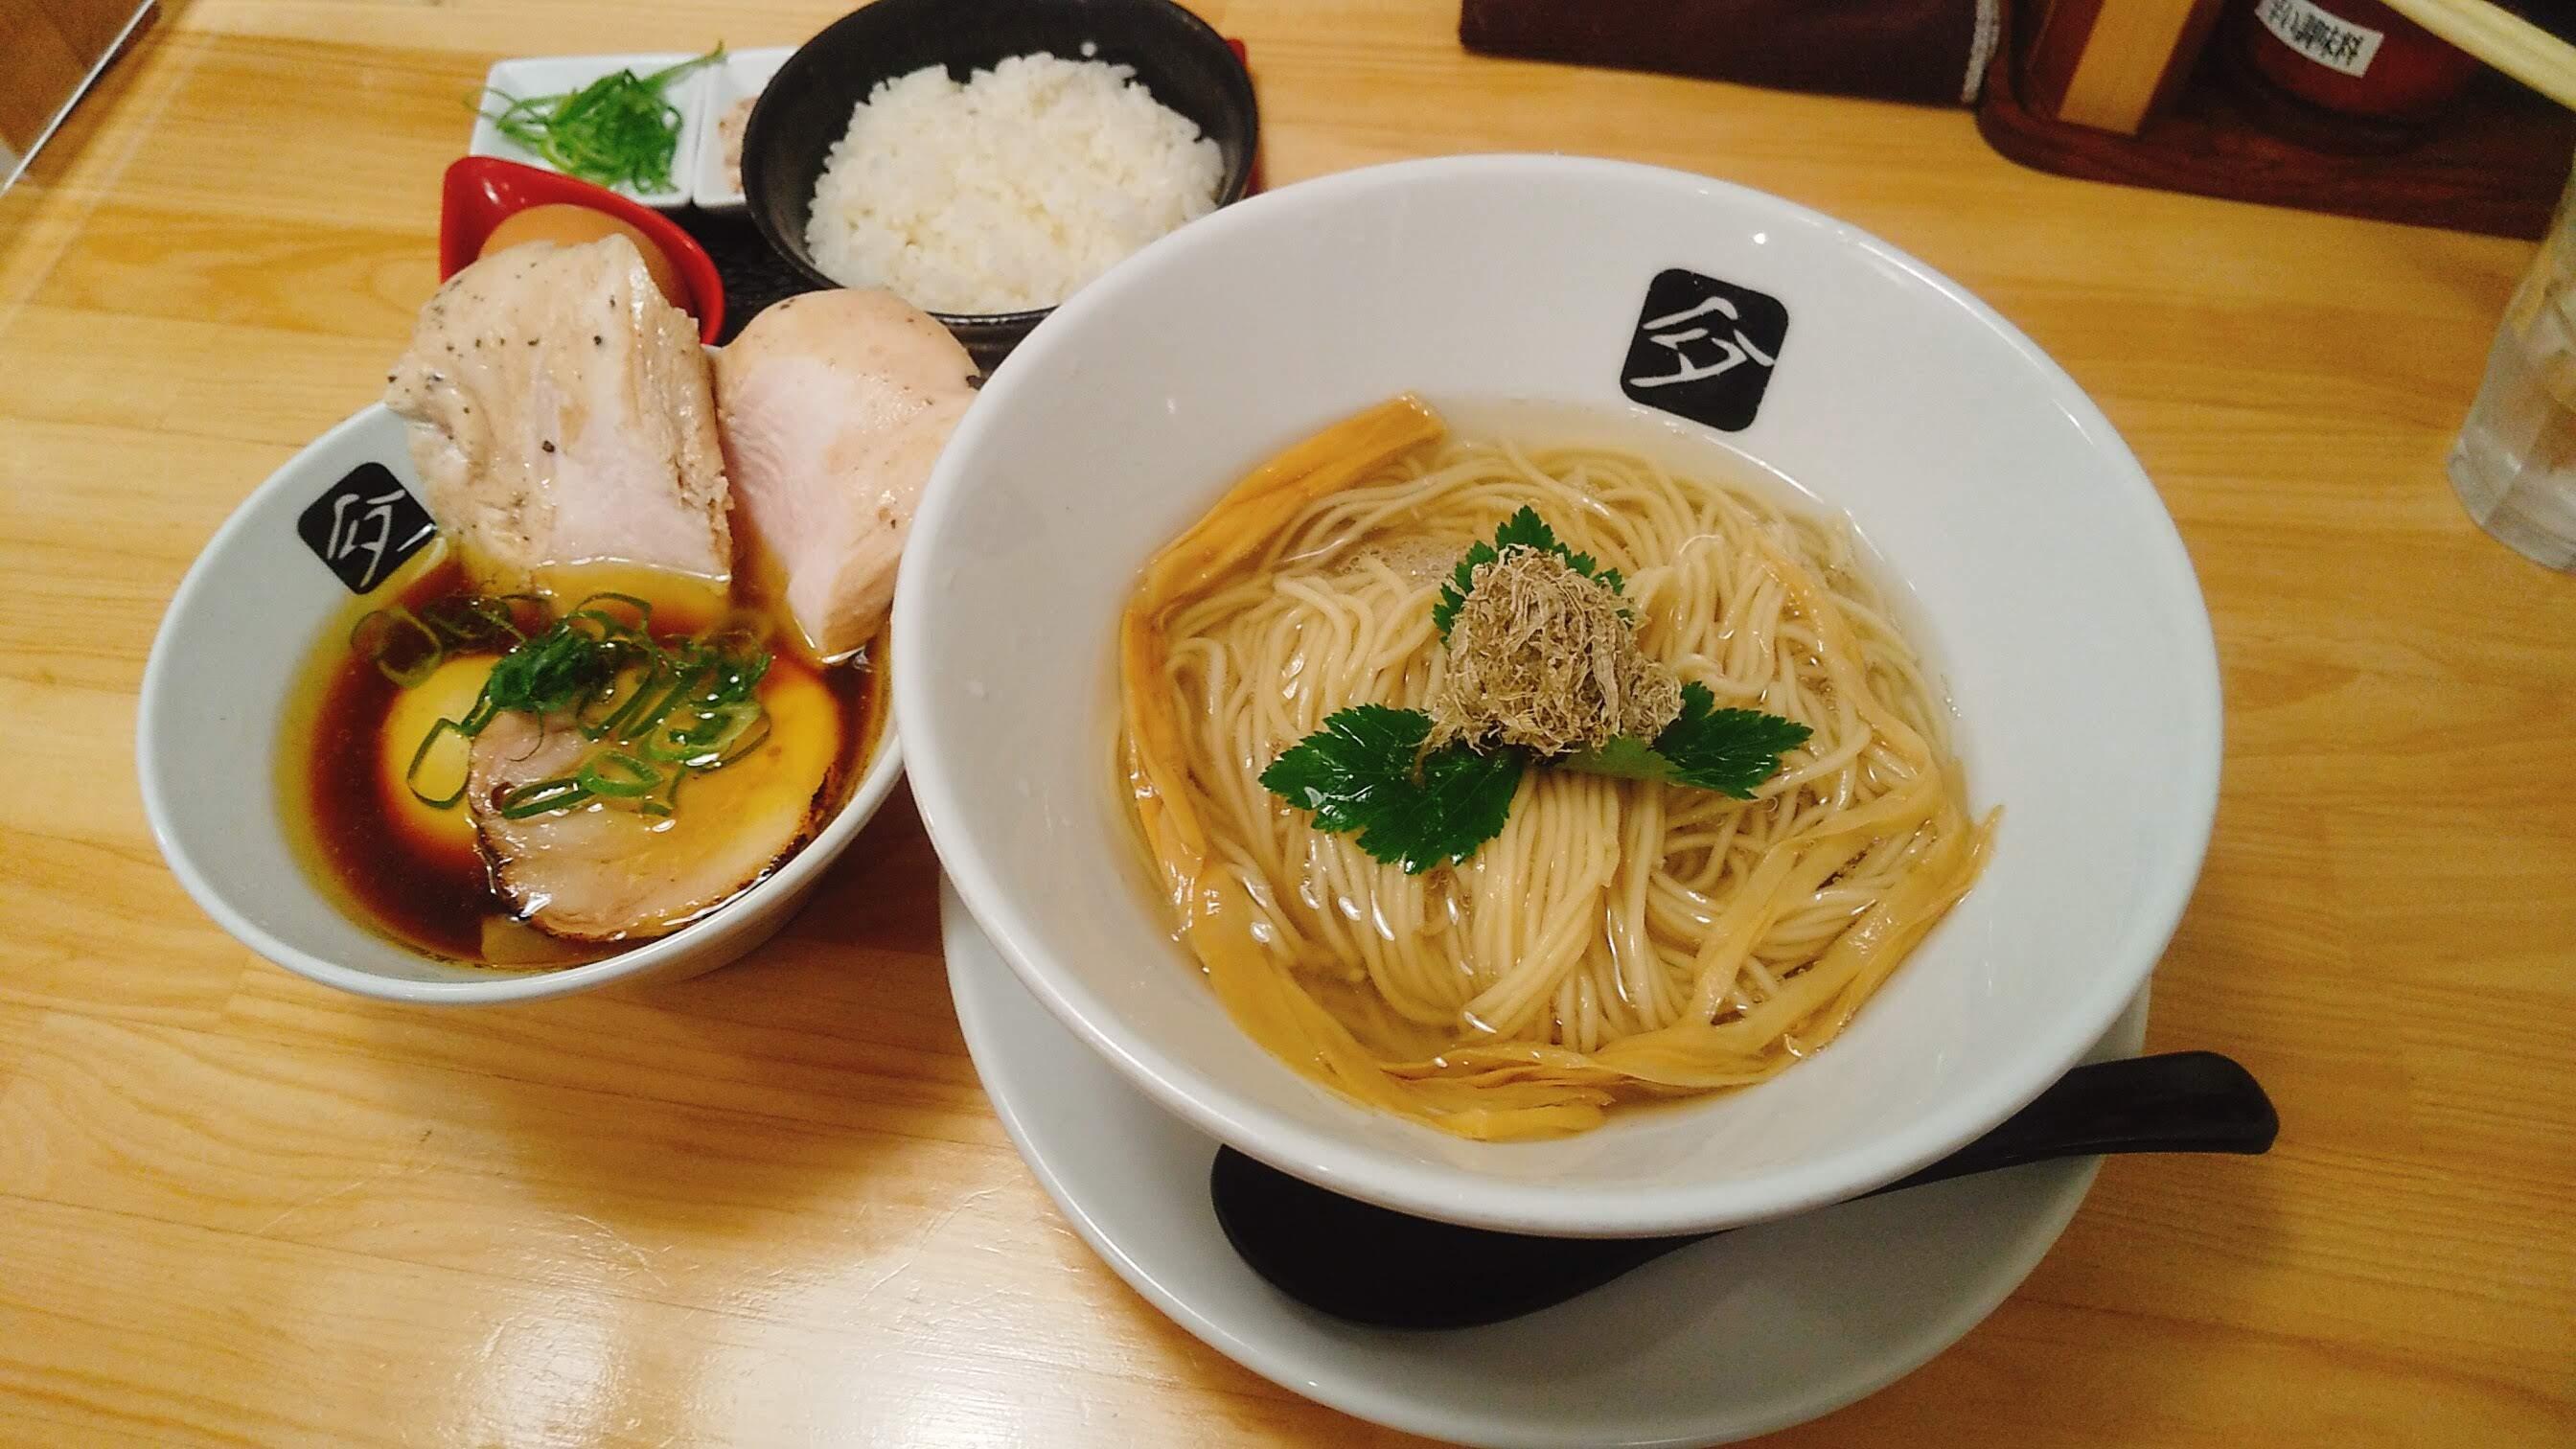 中華そば髙野の特製鶏つけ麺の写真